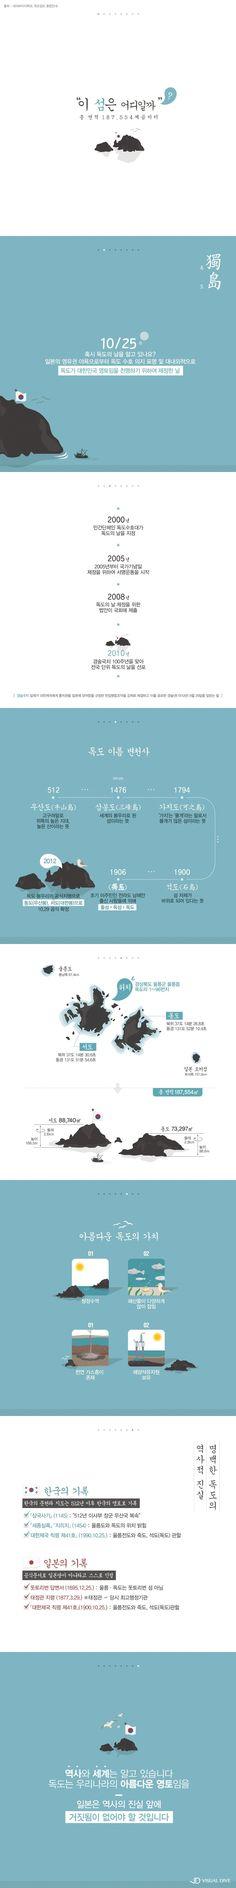 10월 25일 '독도의 날'…다시 새기는 독도의 의미[인포그래픽] #Dokdo / #Infographic ⓒ 비주얼다이브 무단 복사·전재·재배포 금지